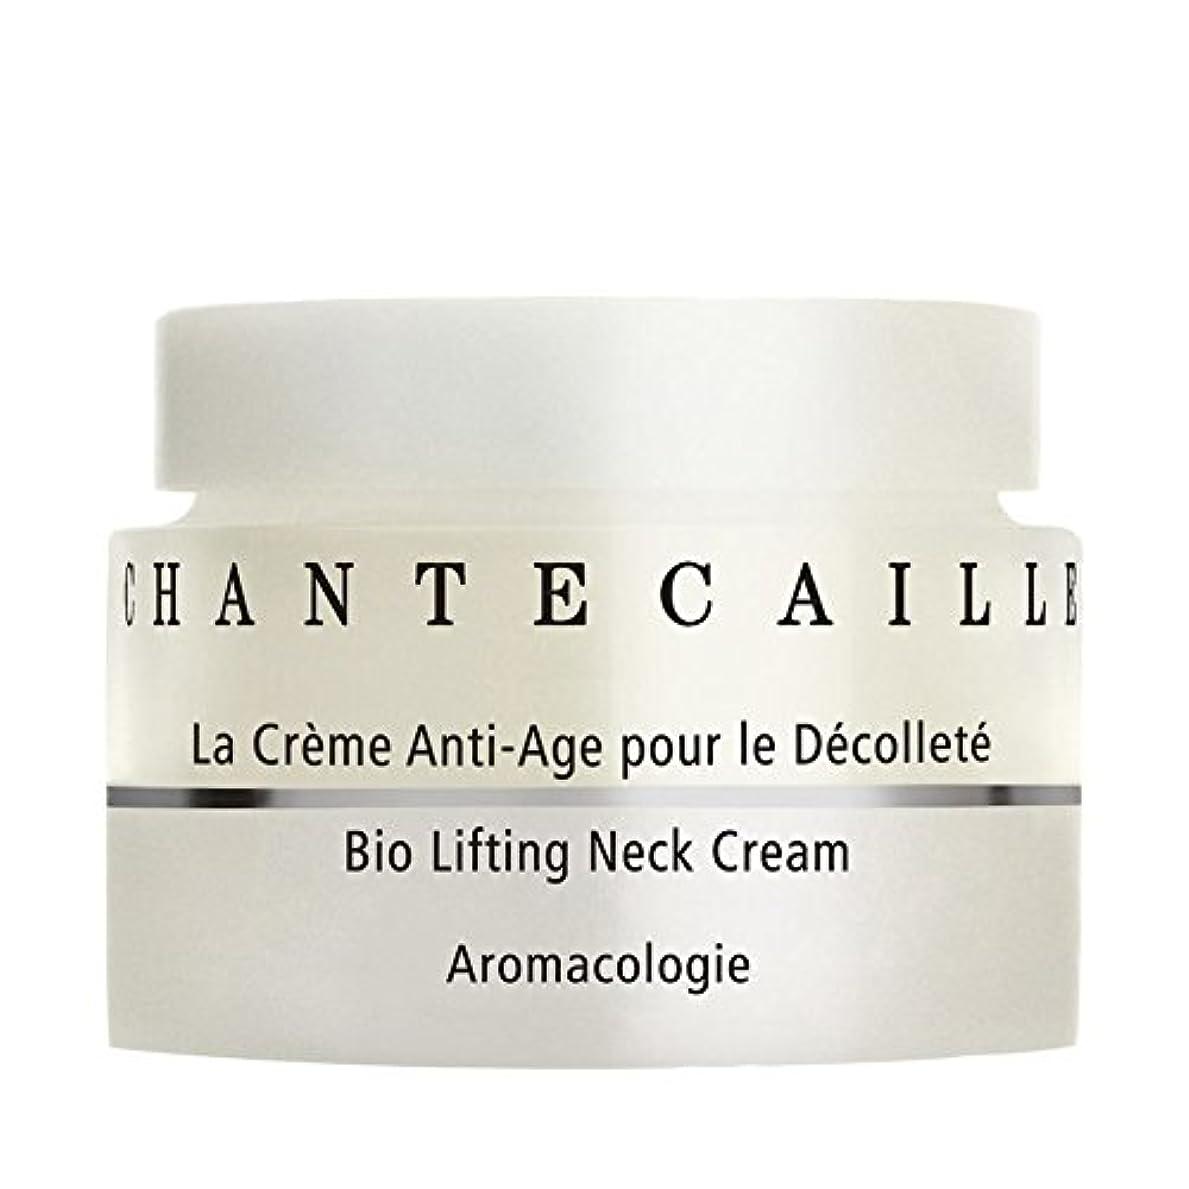 エイリアンファンブル効果シャンテカイユバイオダイナミックリフティングネッククリーム、シャンテカイユ x2 - Chantecaille Biodynamic Lifting Neck Cream, Chantecaille (Pack of 2...